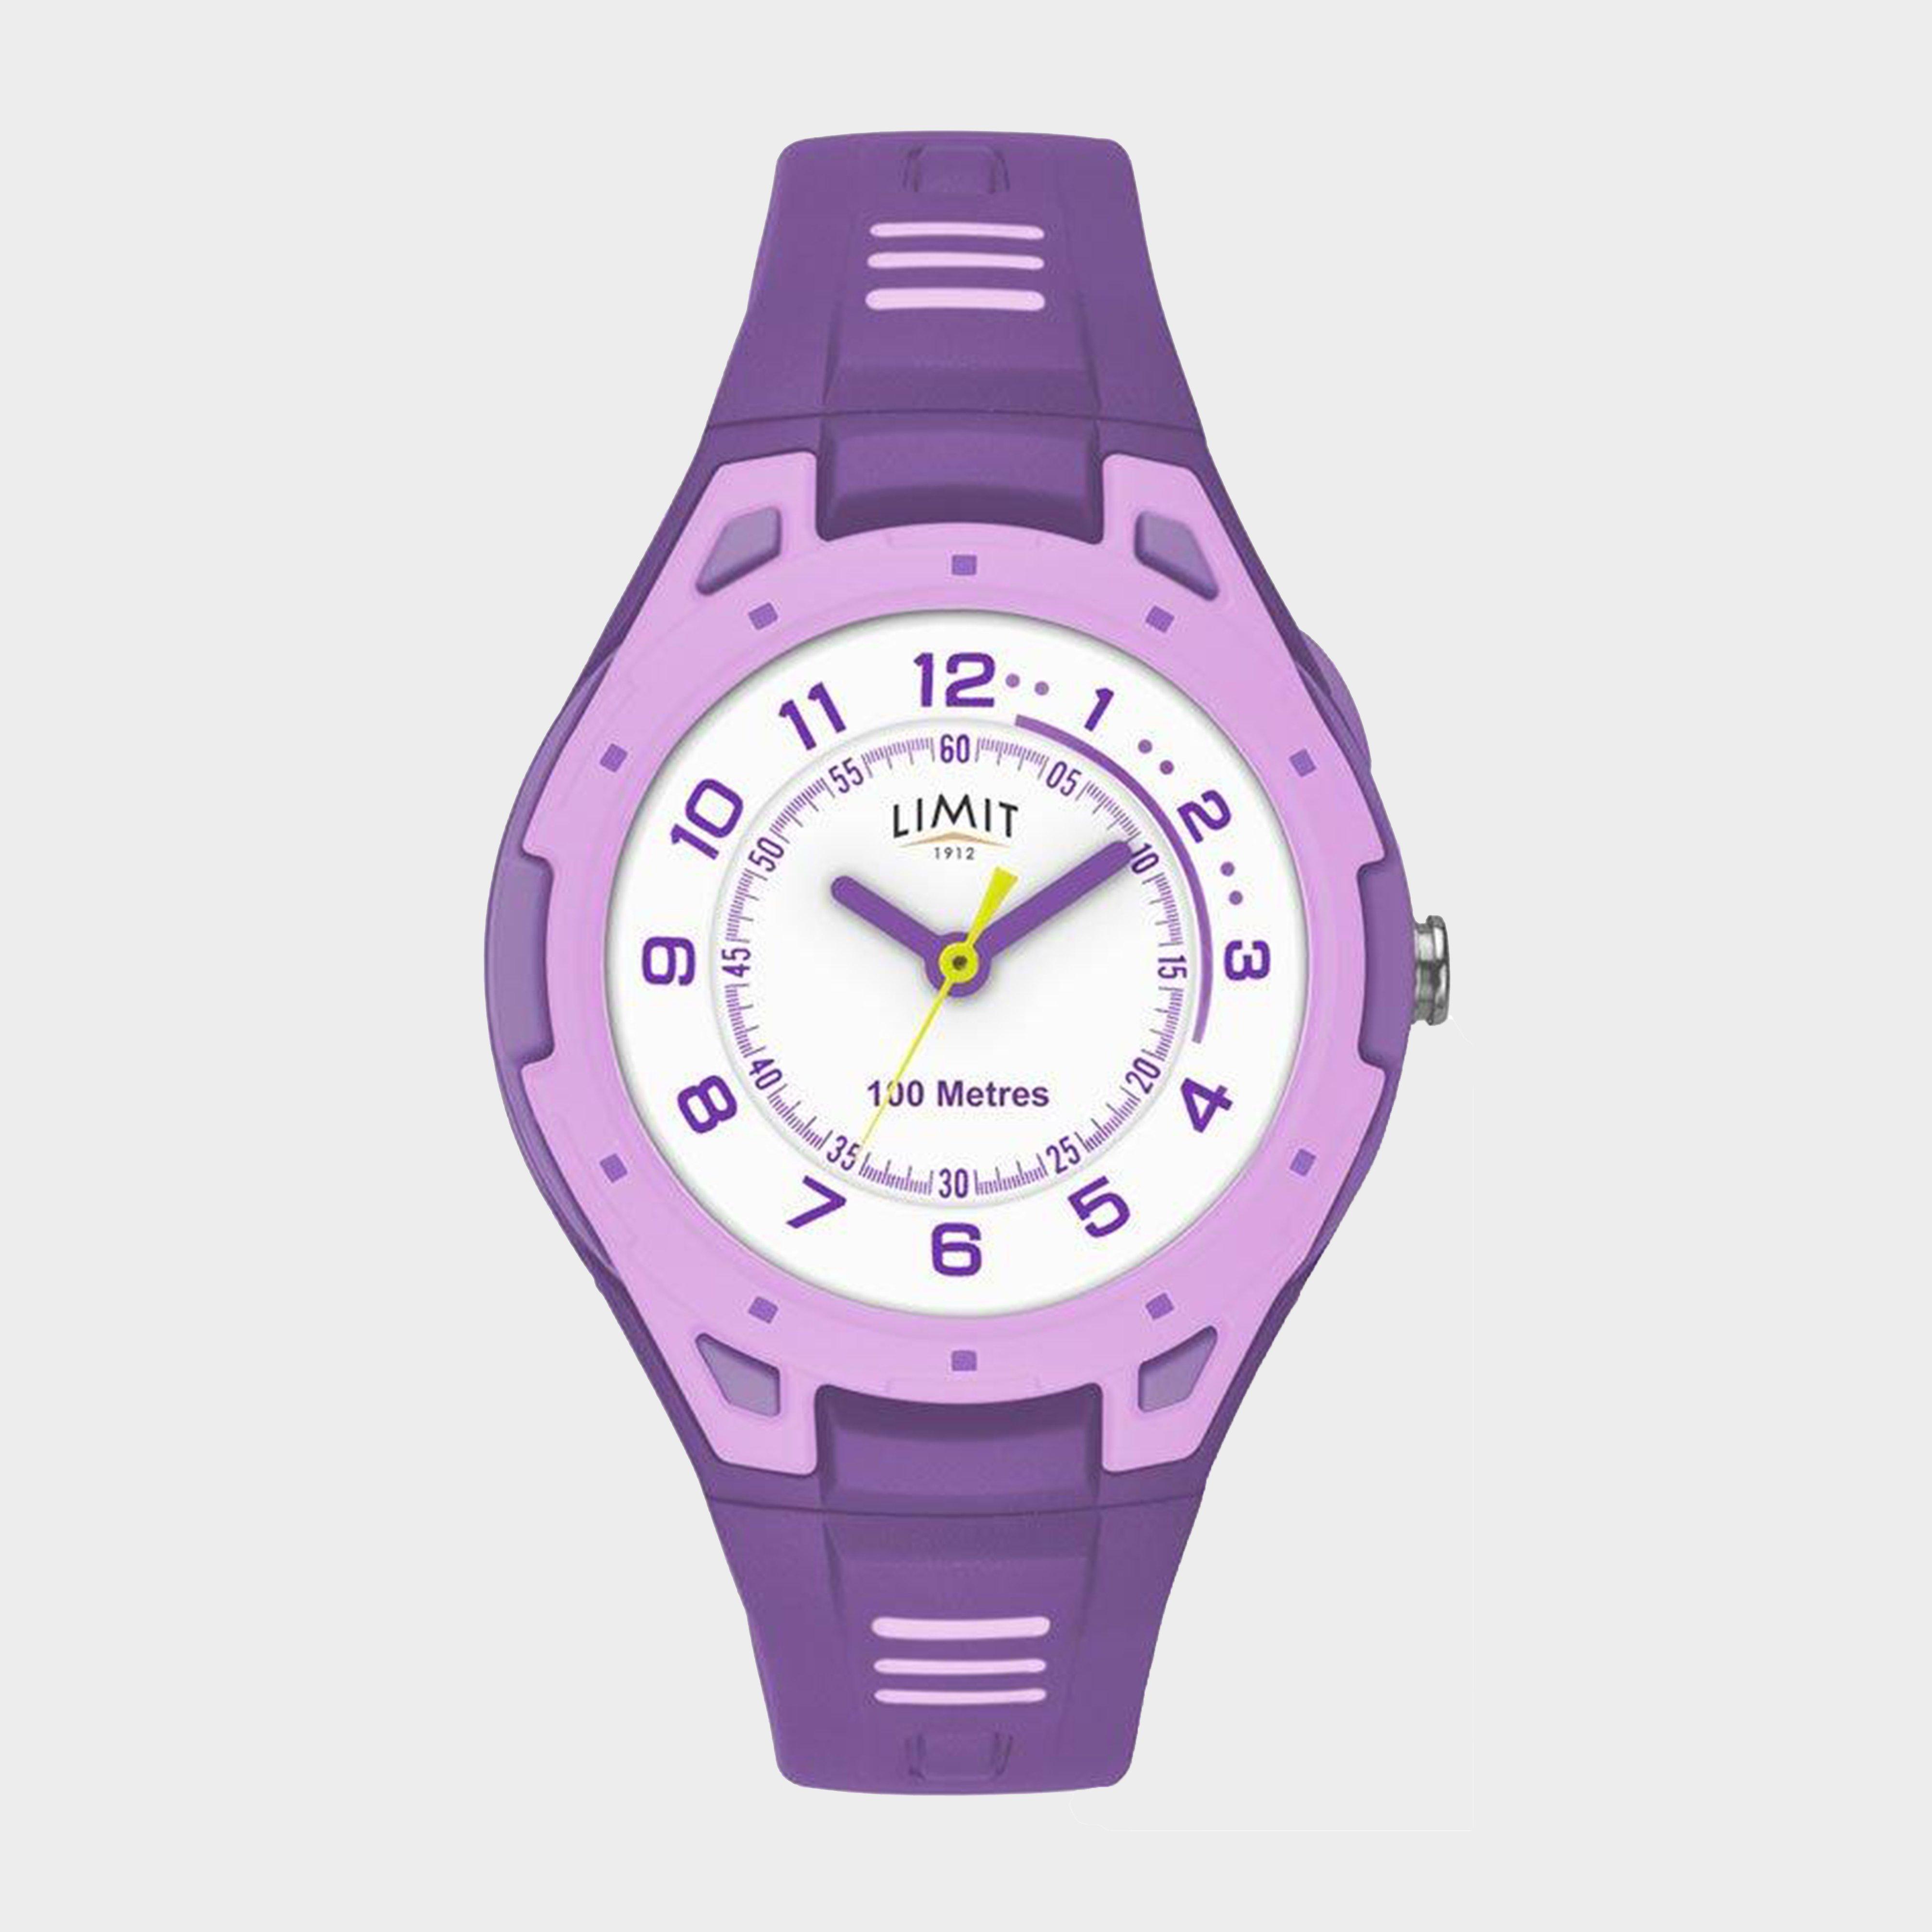 Limit Limit 5894.69 Analogue Watch